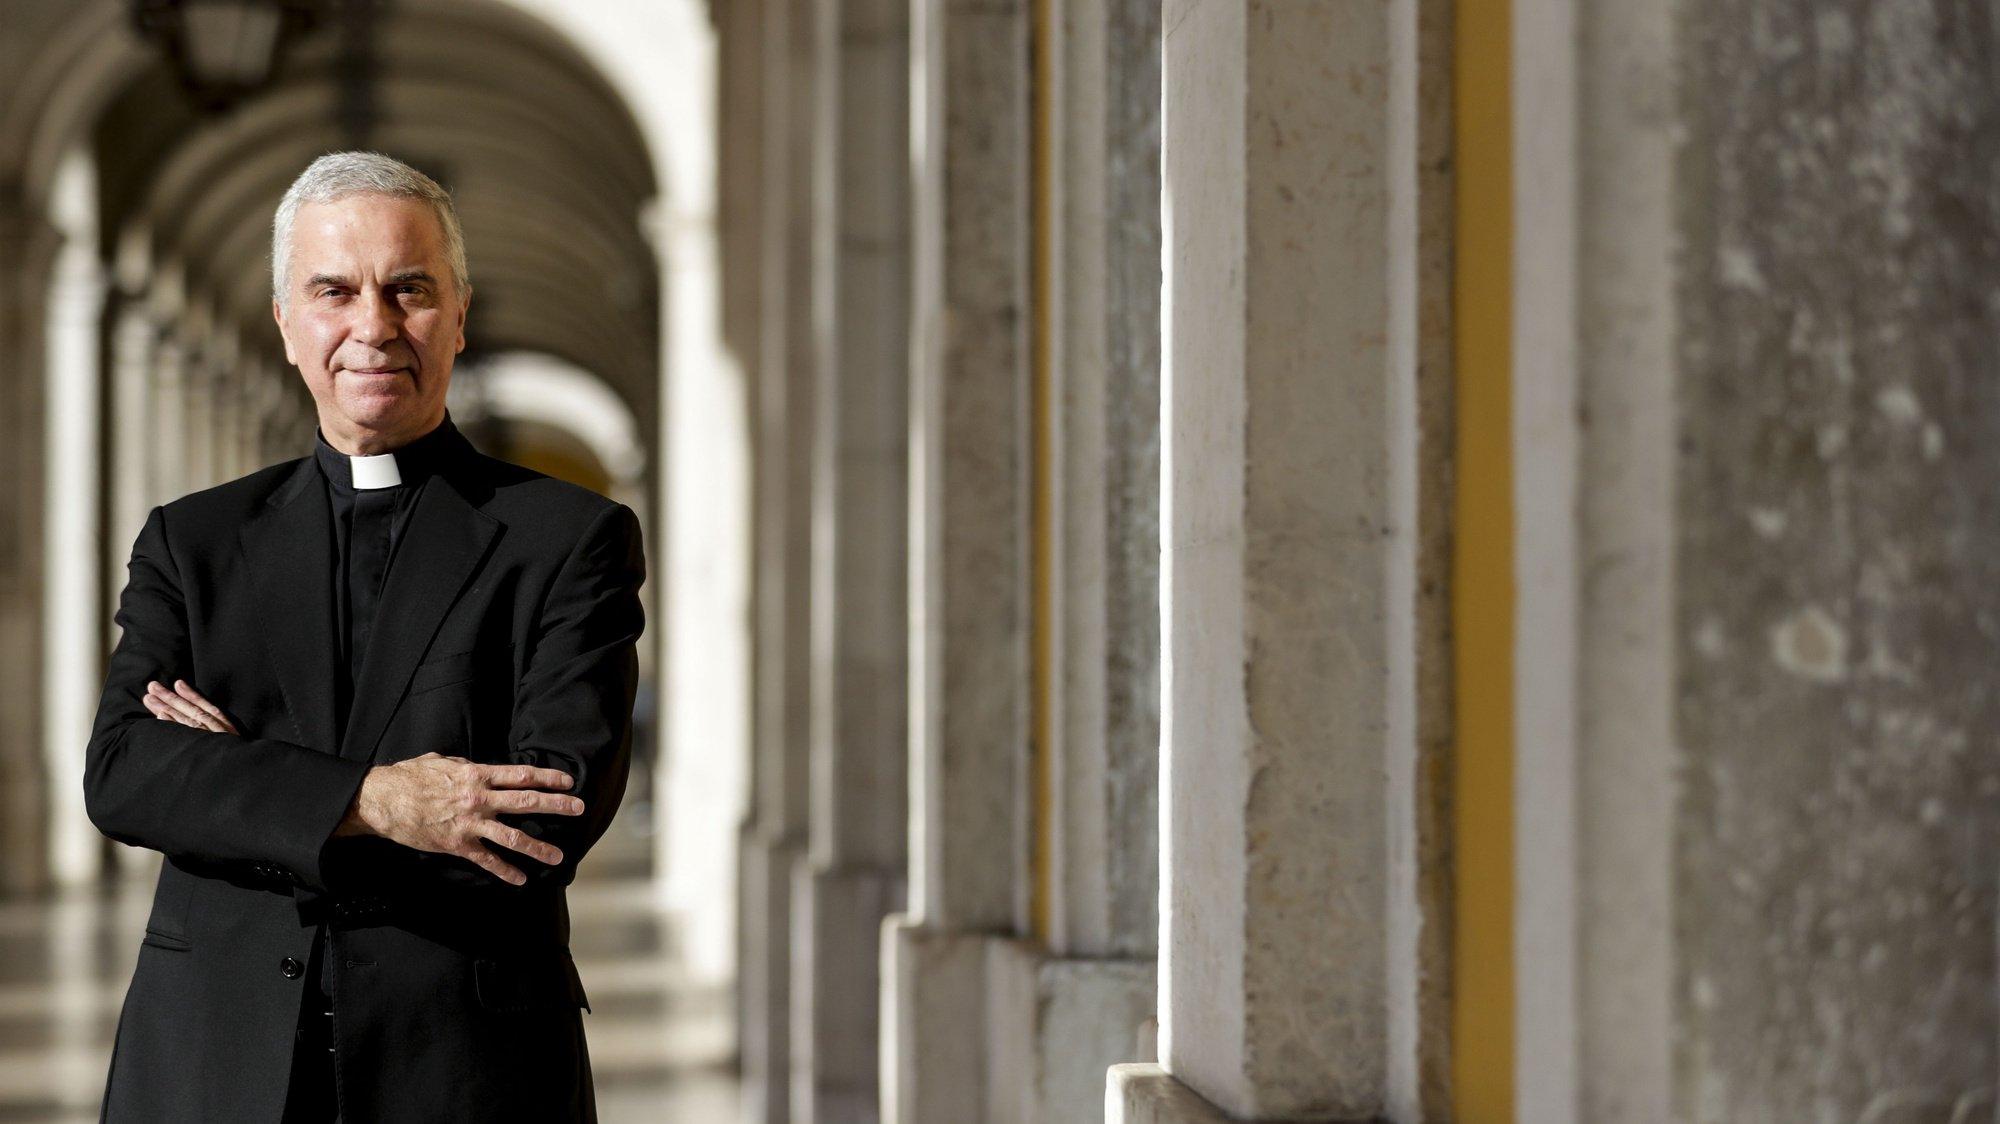 O Vigário Regional do Opus Dei em Portugal, José Rafael Espírito Santo, fala em entrevista à Agência Lusa na Praça do Comércio em Lisboa, 25 de outubro de 20121. (ACOMPANHA TEXTO DA LUSA DE 26/10/2021) TIAGO PETINGA/LUSA